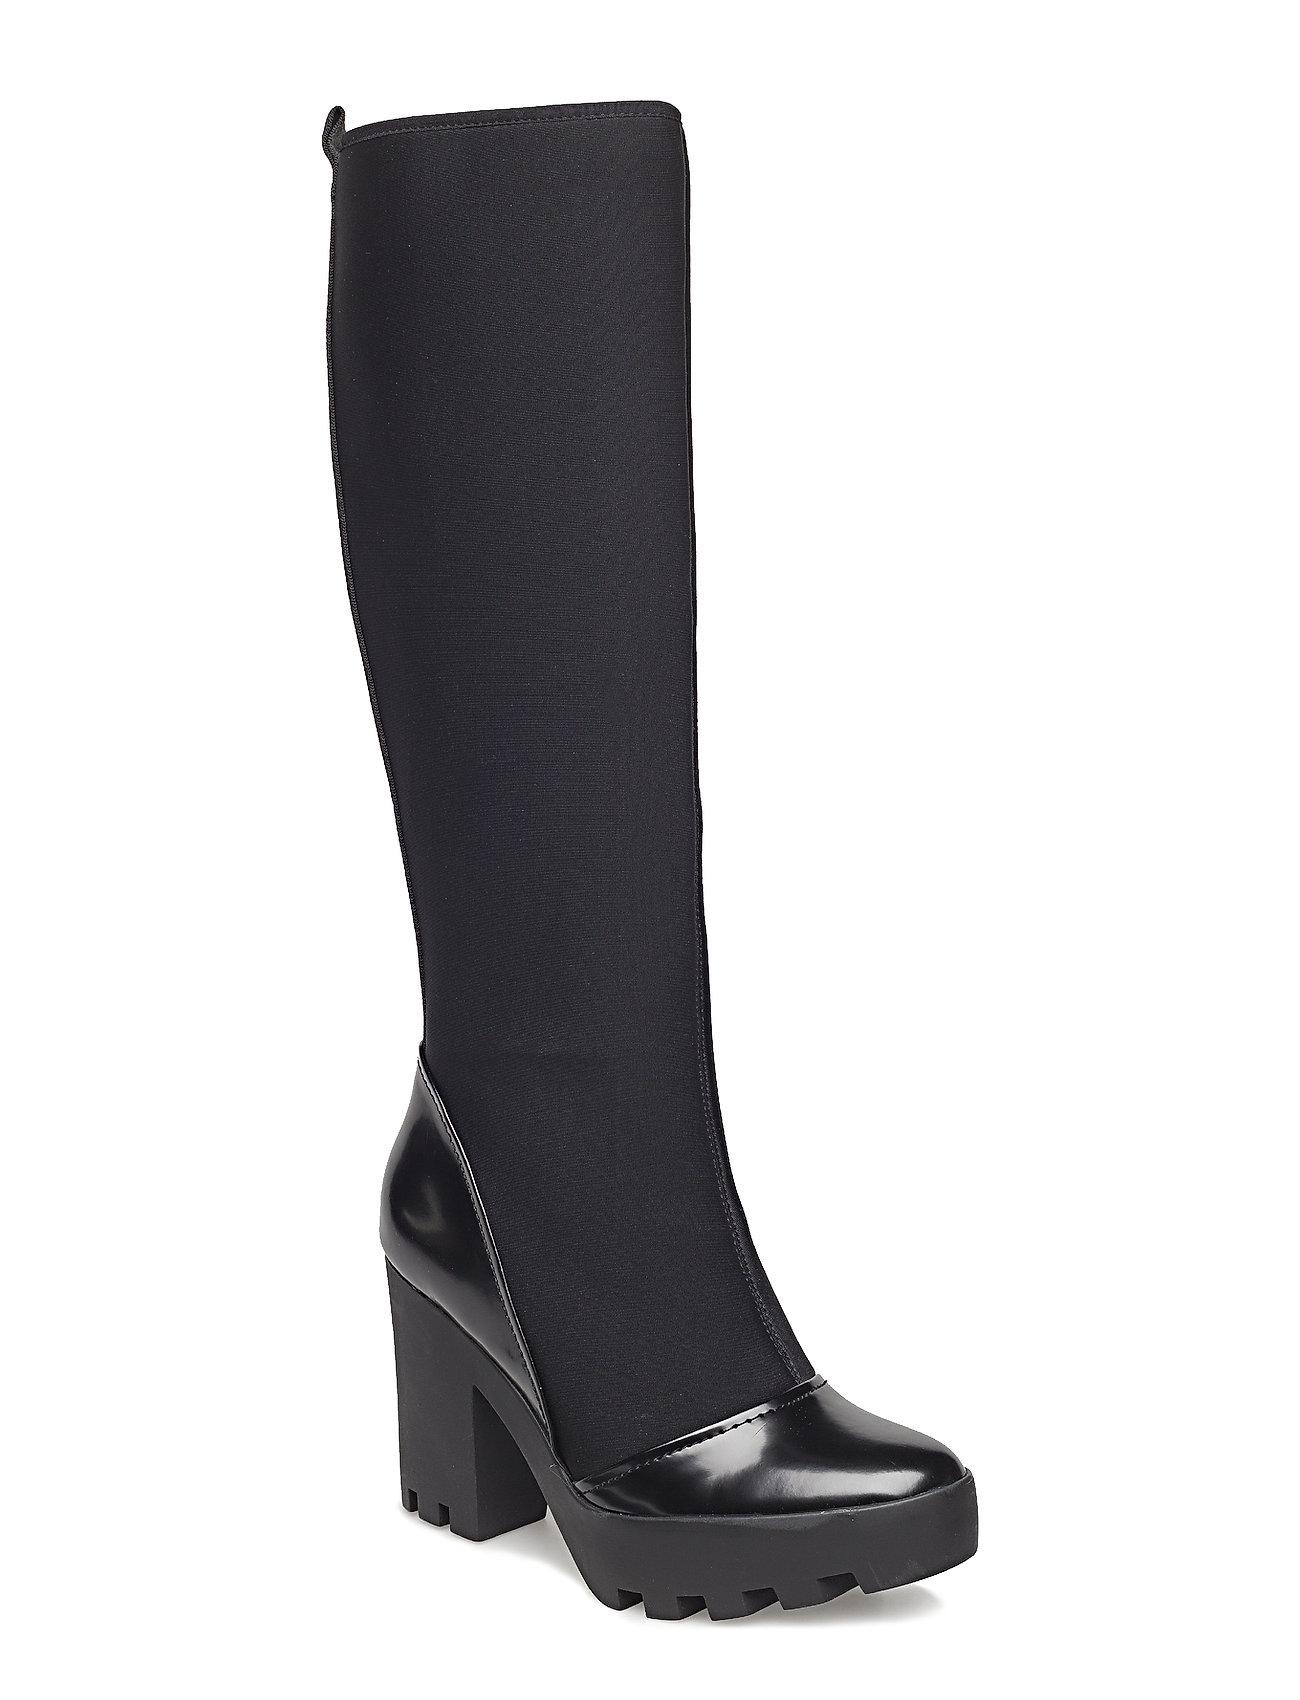 Shania Neoprene spazzolato Pu (Blk) (75 €) - Calvin Klein - Schoenen ... e8ddc5f4e9